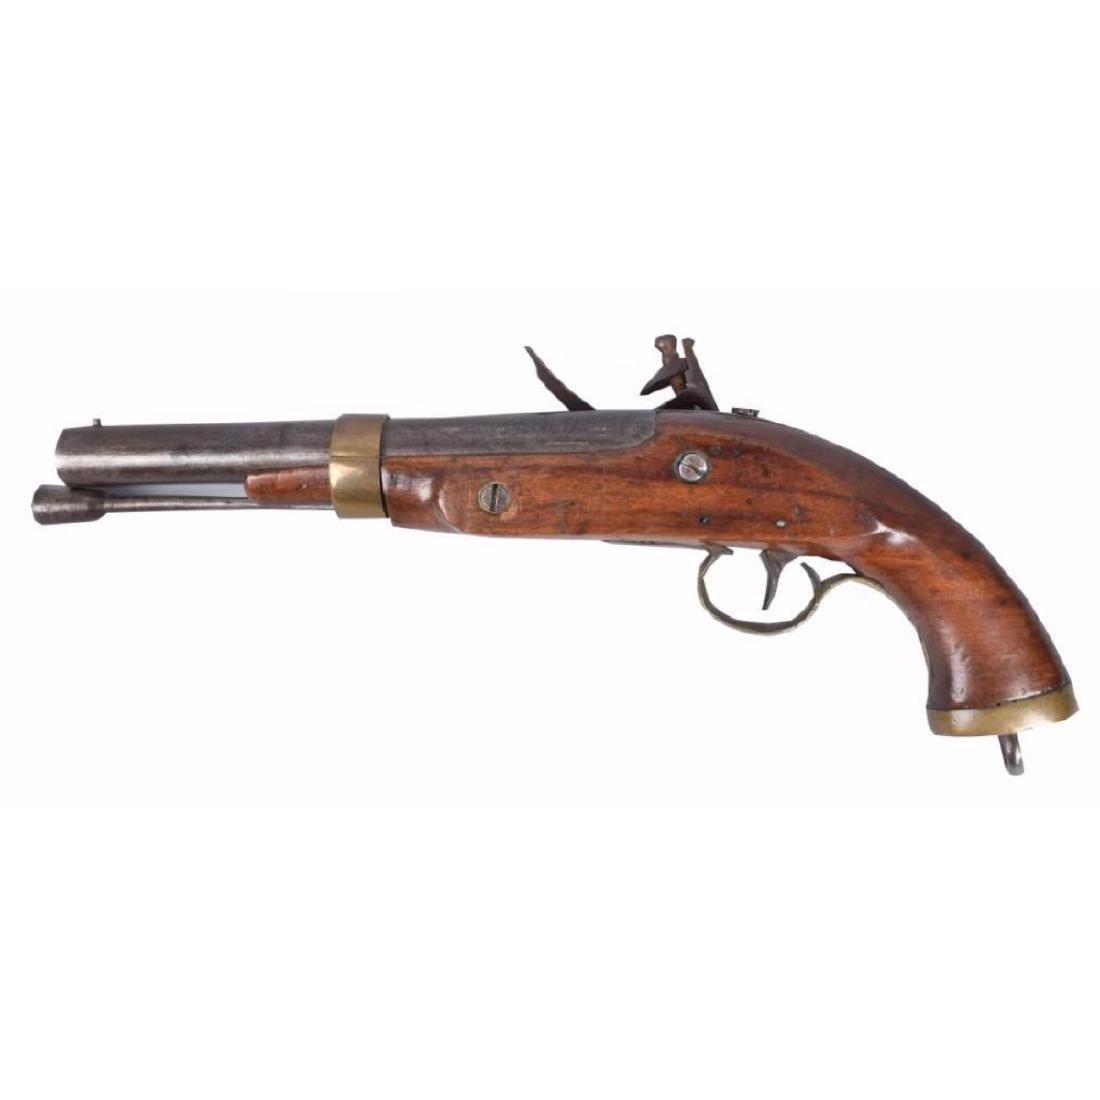 Belgian Flintlock .69 Caliber Pistol - 3